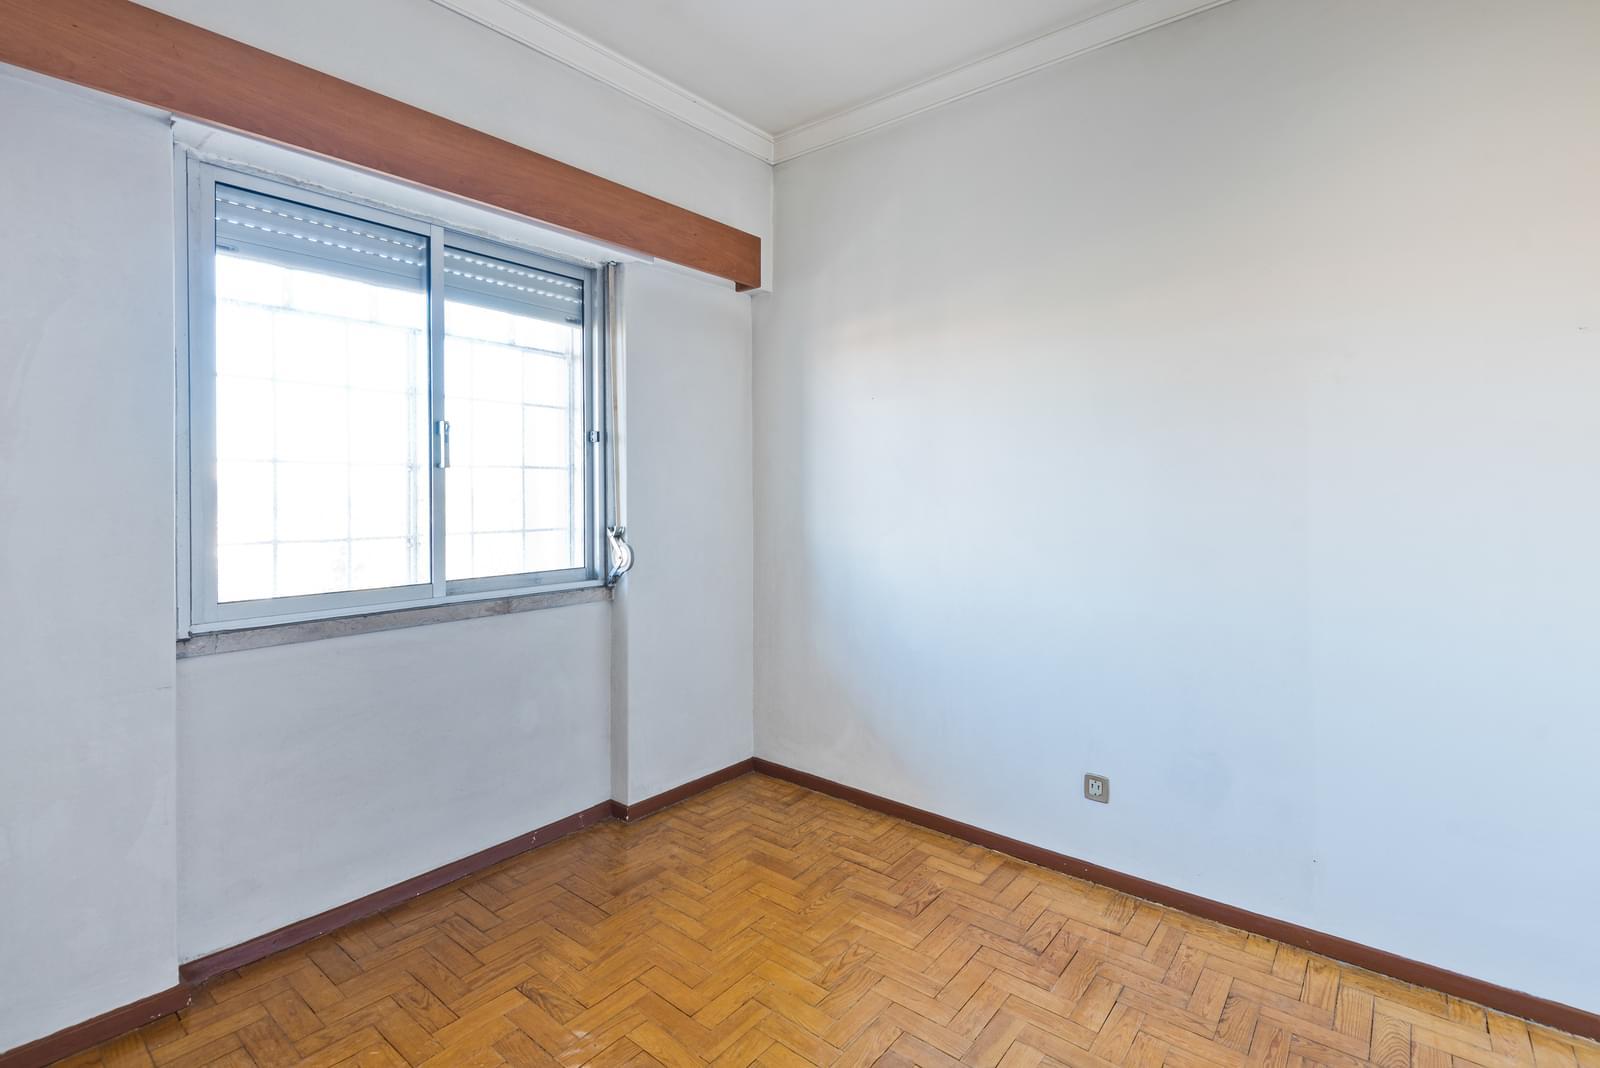 pf18965-apartamento-t2-1-cascais-9ae2f9c3-9c37-479c-8d02-9cb13a92f829